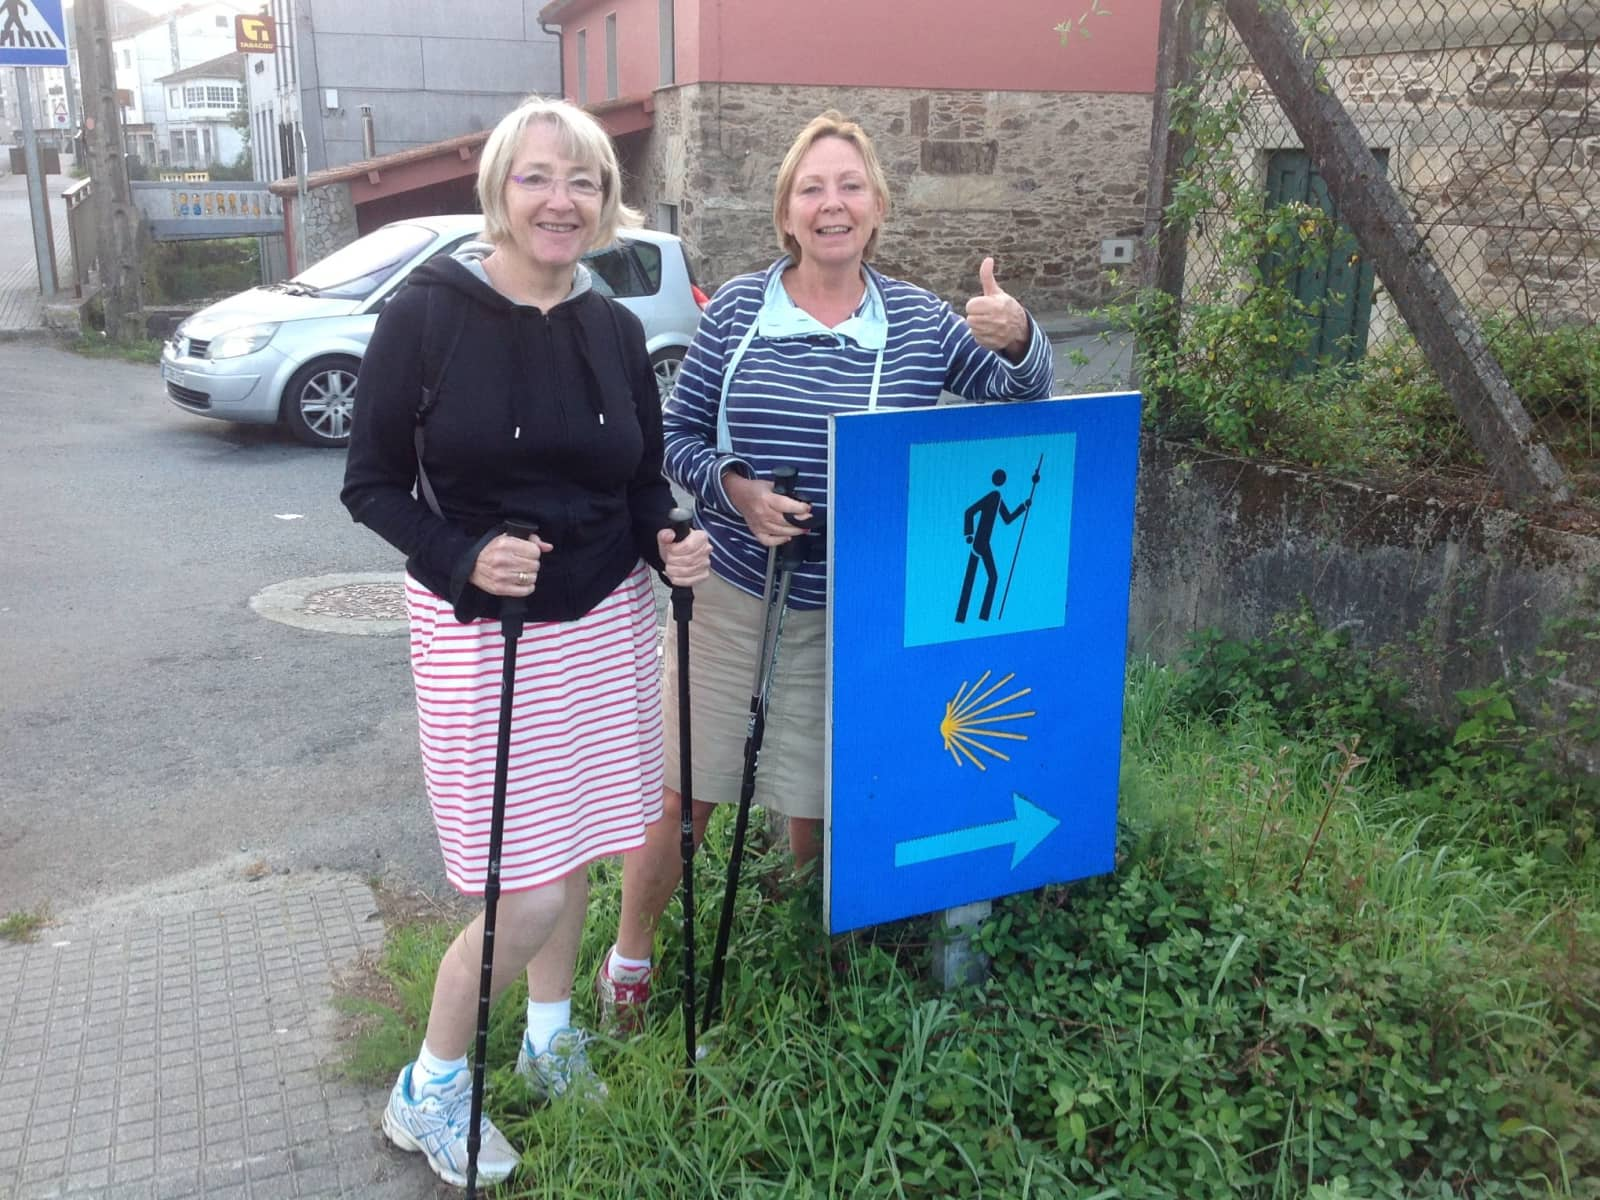 Marilyn & Ann from Seaford, United Kingdom